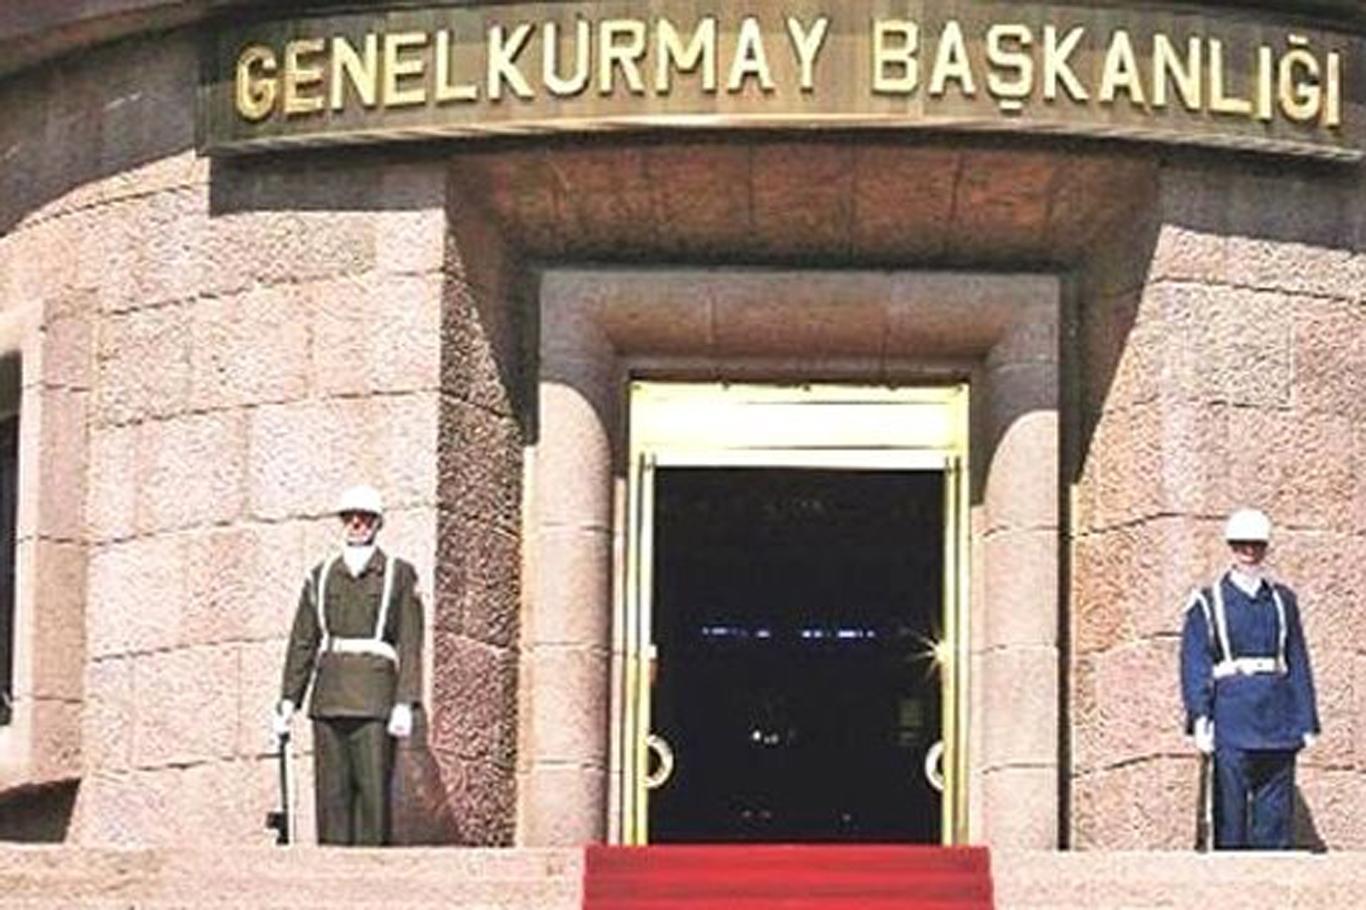 Flaş haber-Genelkurmay Başkanlığına operasyon düzenlenecek